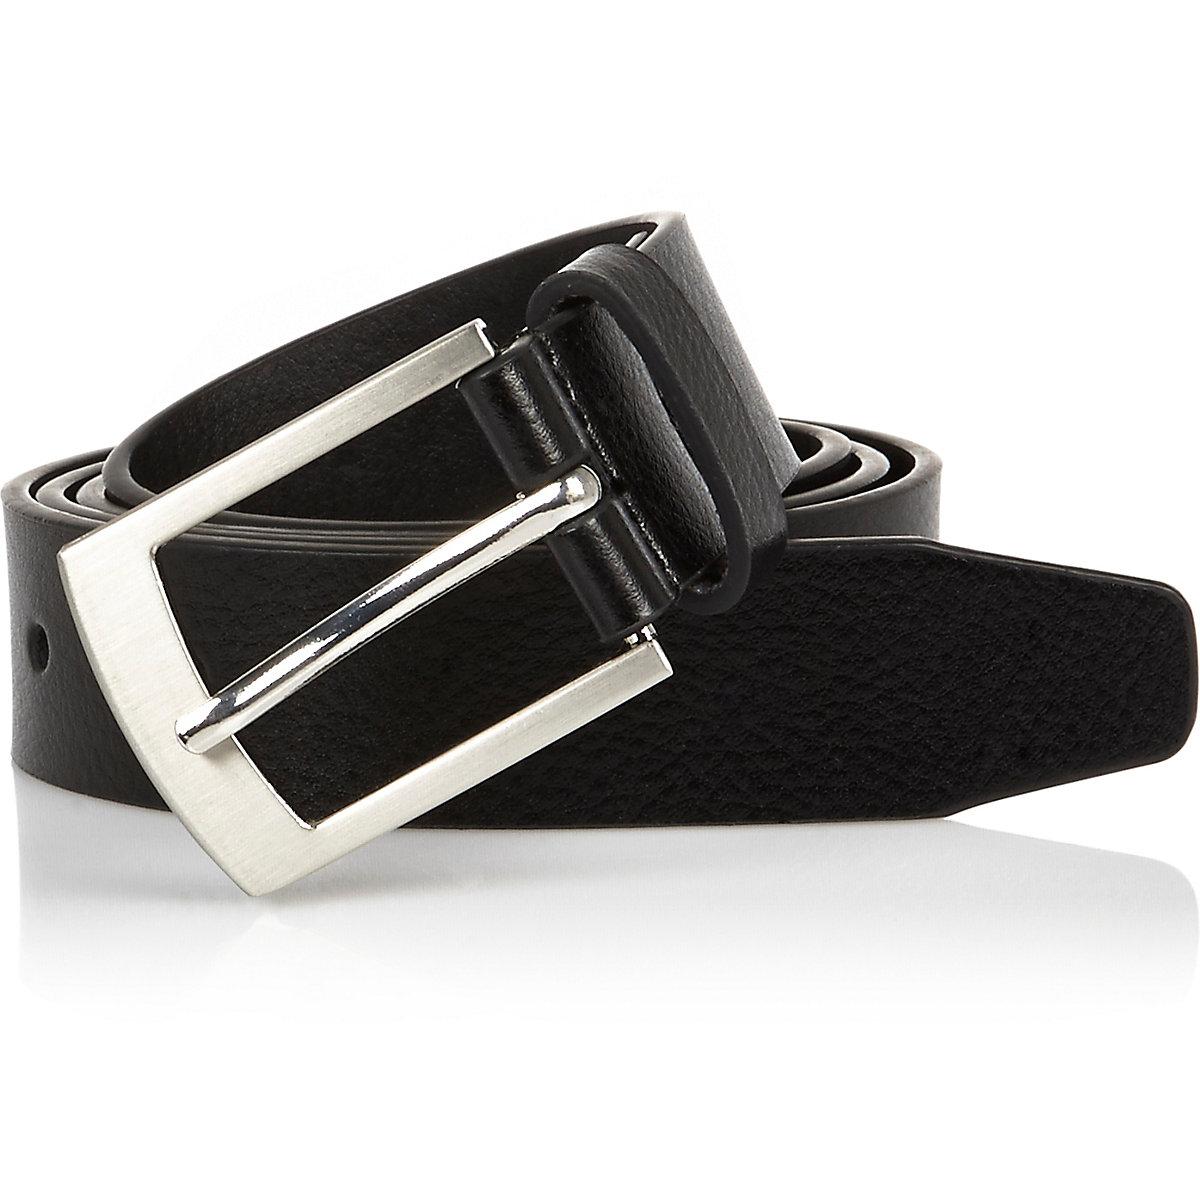 Black silver tone buckle belt